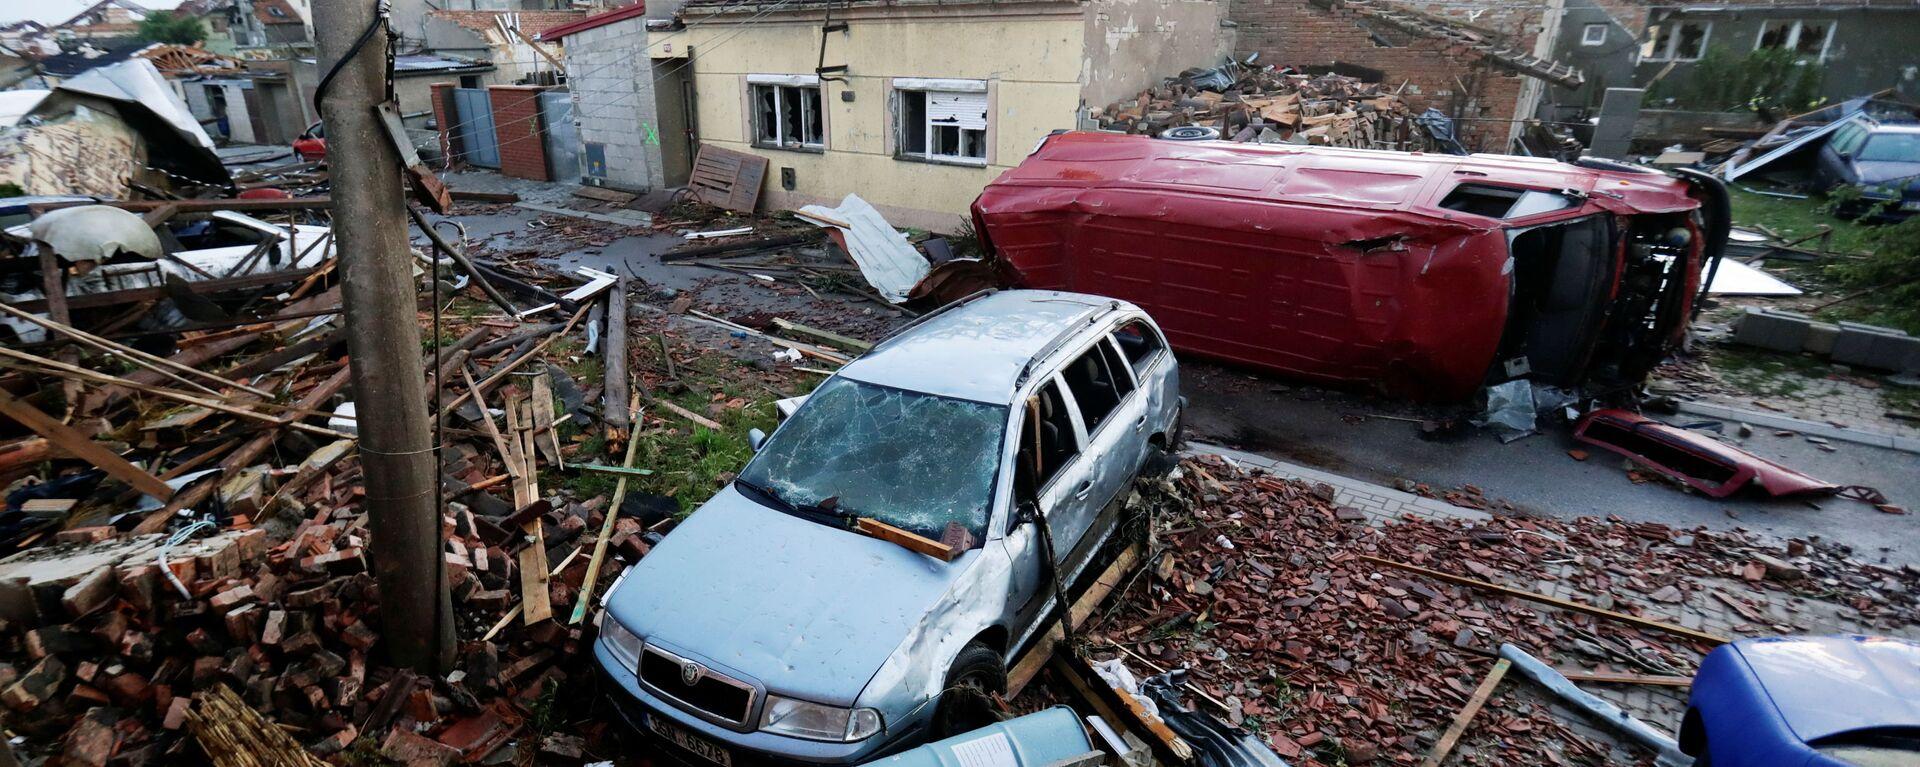 Na snímku jsou trosky a poškozená auta v obci Moravská Nová Ves - Sputnik Česká republika, 1920, 29.06.2021